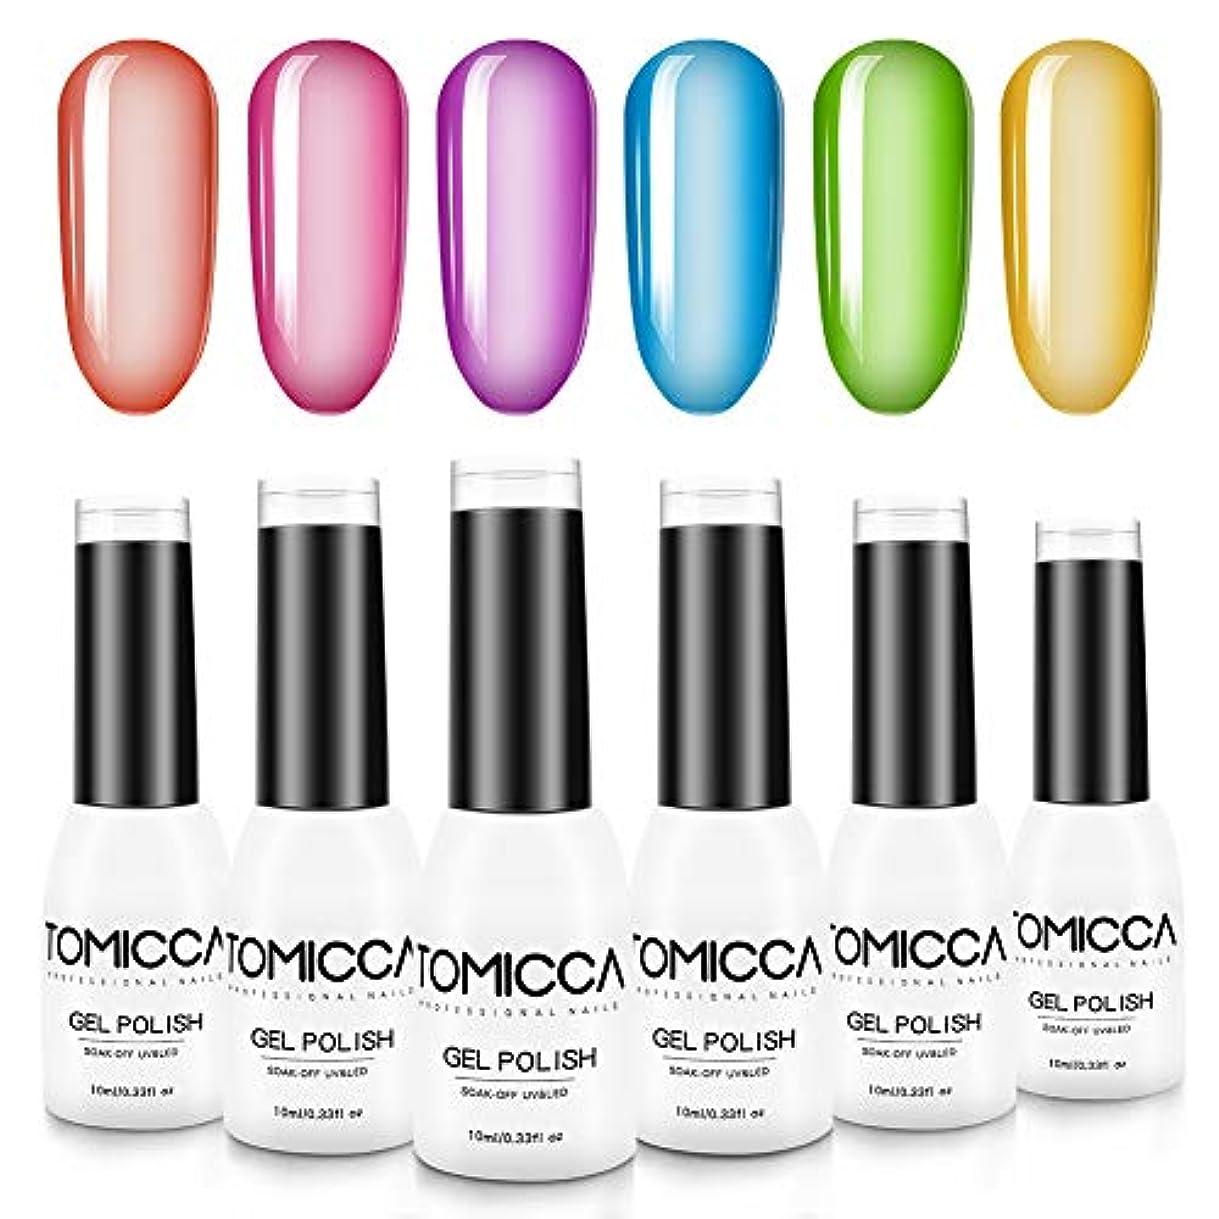 舞い上がる成熟依存TOMICCA ジェルネイル カラー 6色セット 10ml ピンキーカラー 色持ち良い 可愛い 初心者用カラージェル